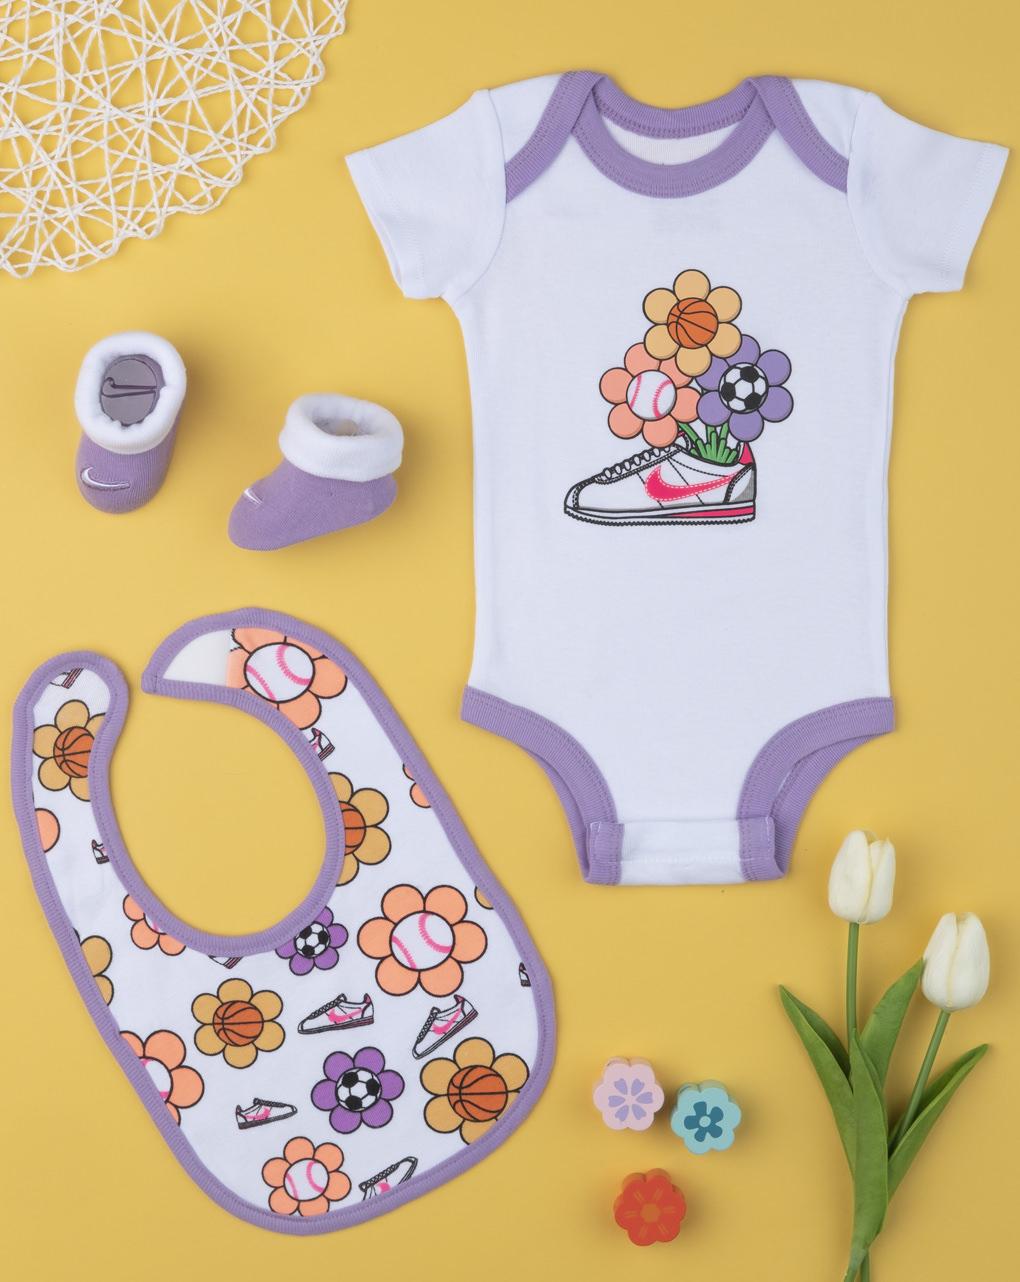 Σετ Nike Κορμάκι-Σαλιάρα-Καλτσάκια για Κορίτσι 0-6 μηνών